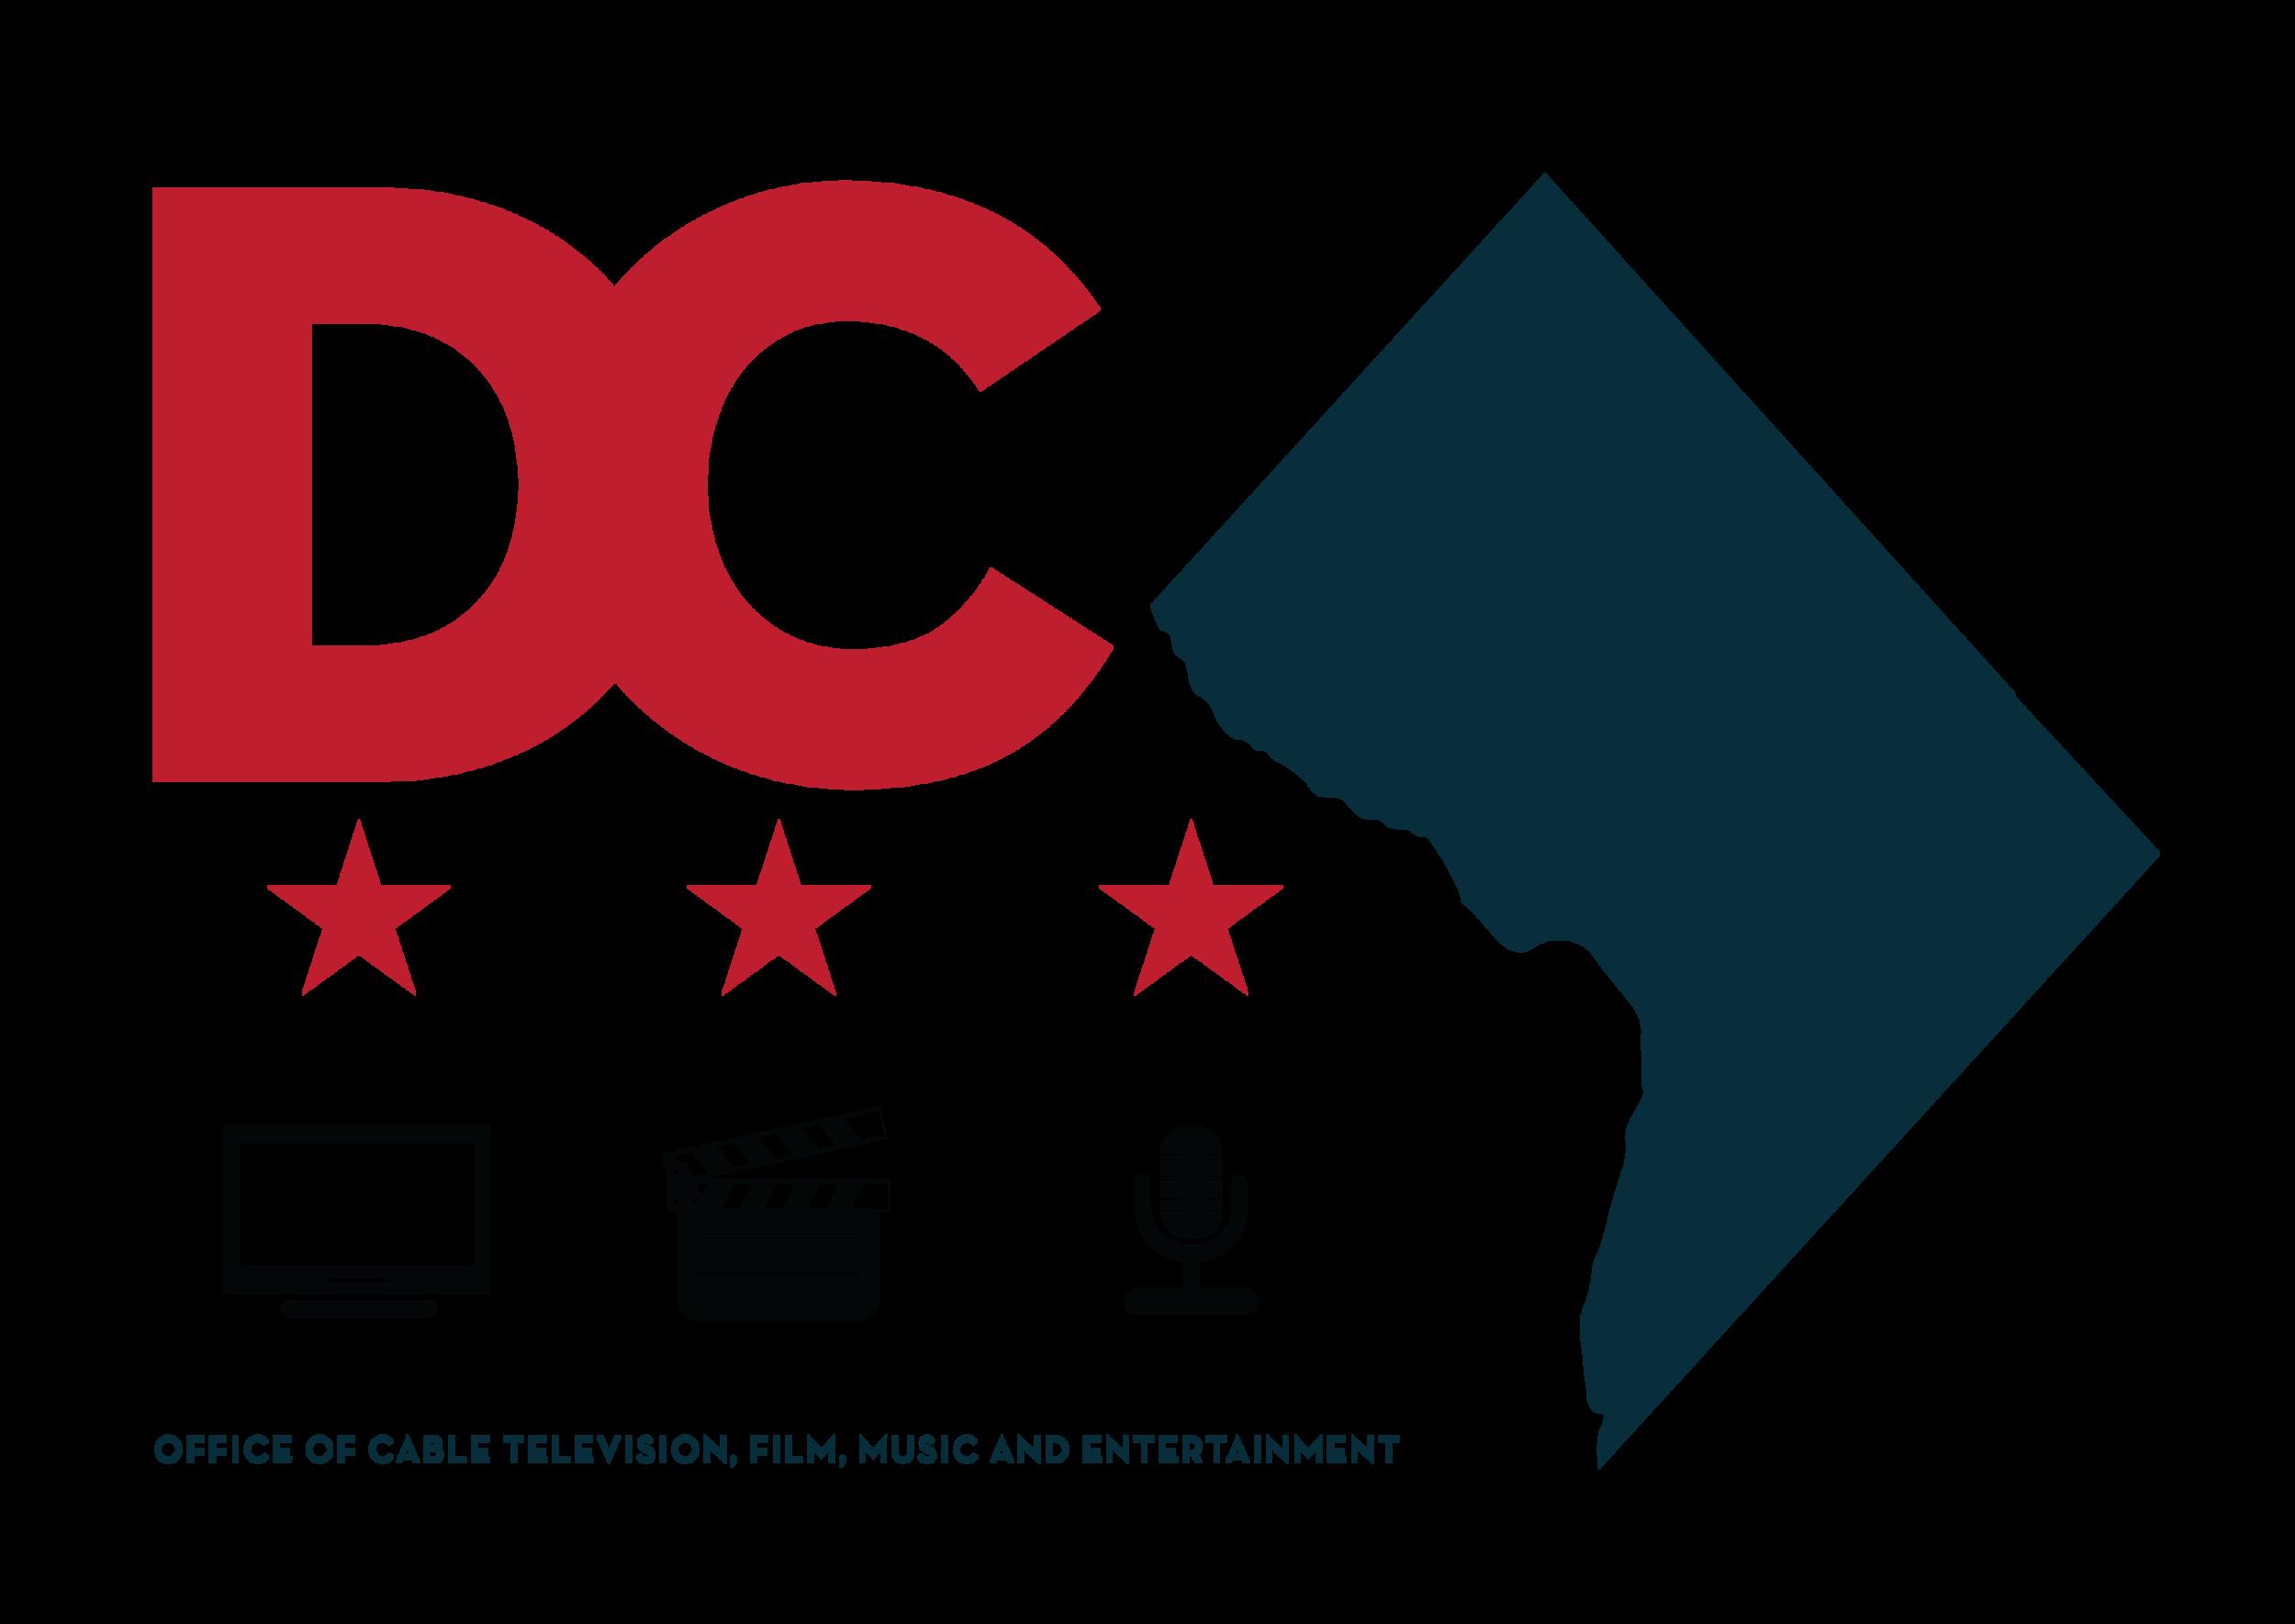 DC _Film_logo_3.0-01.png